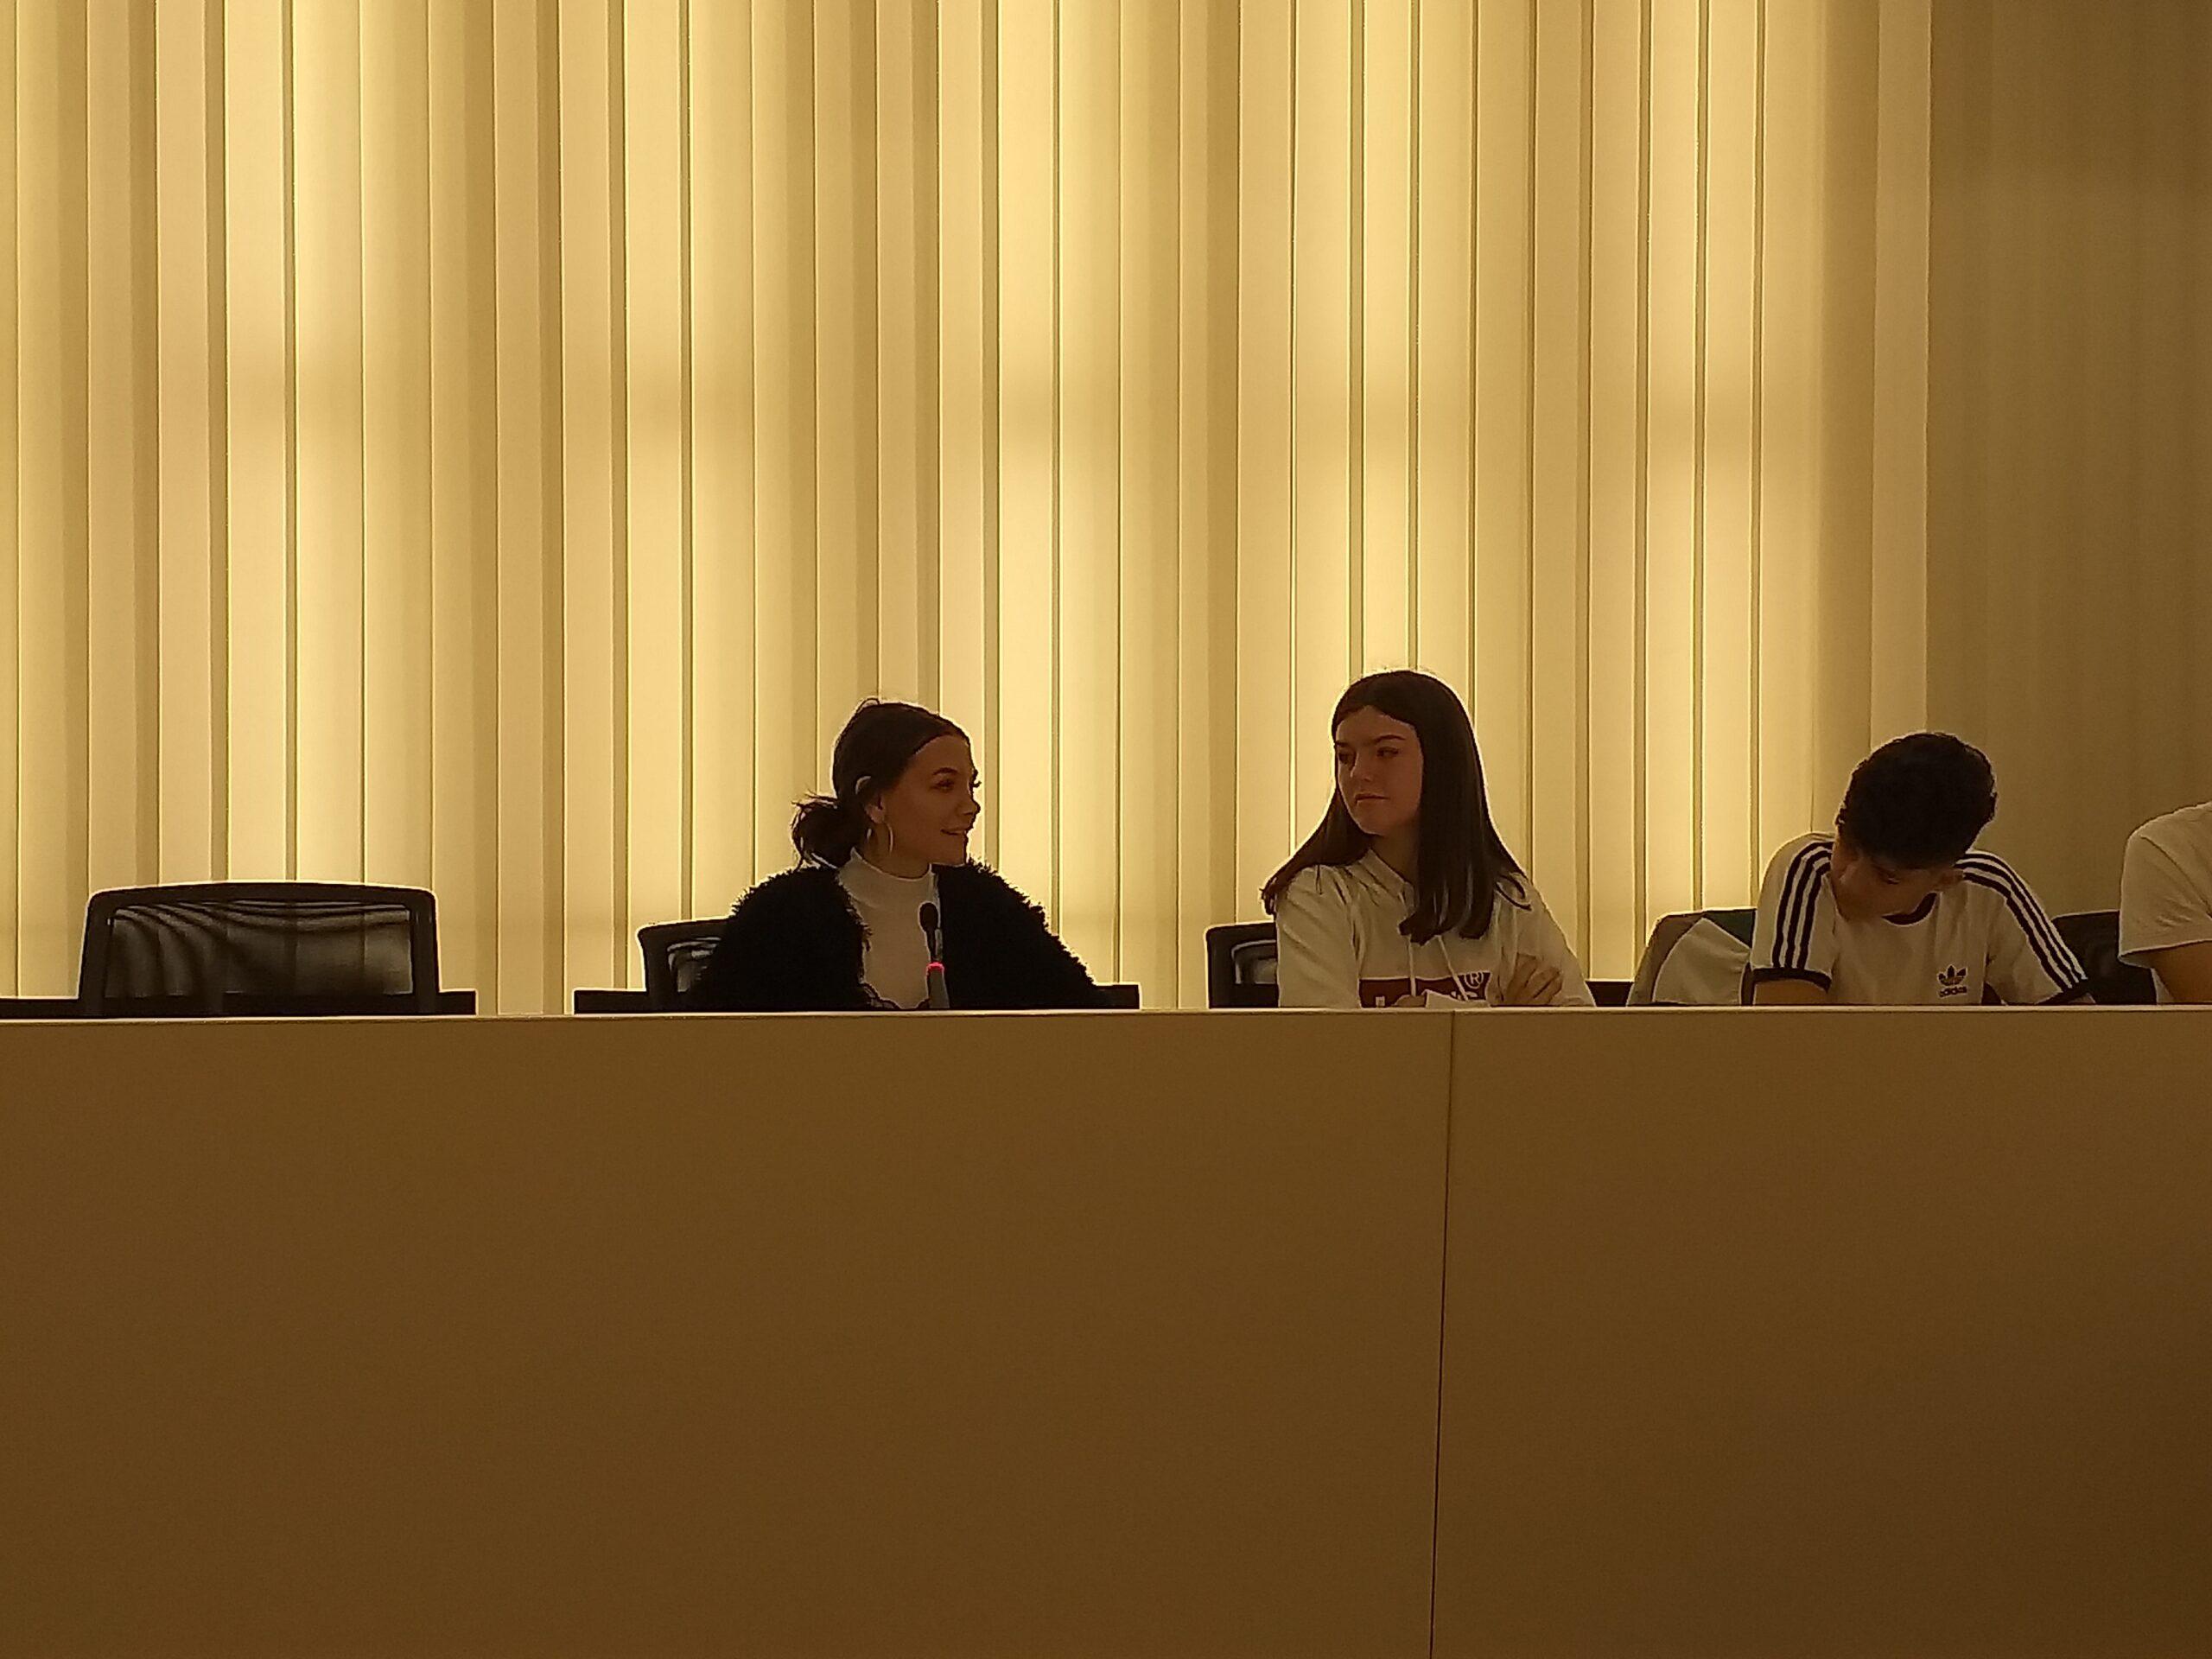 ARCH Intalnire cu primarul din Sant Cugat del Vallès, prezentarea scolii de Violeta Mujdar